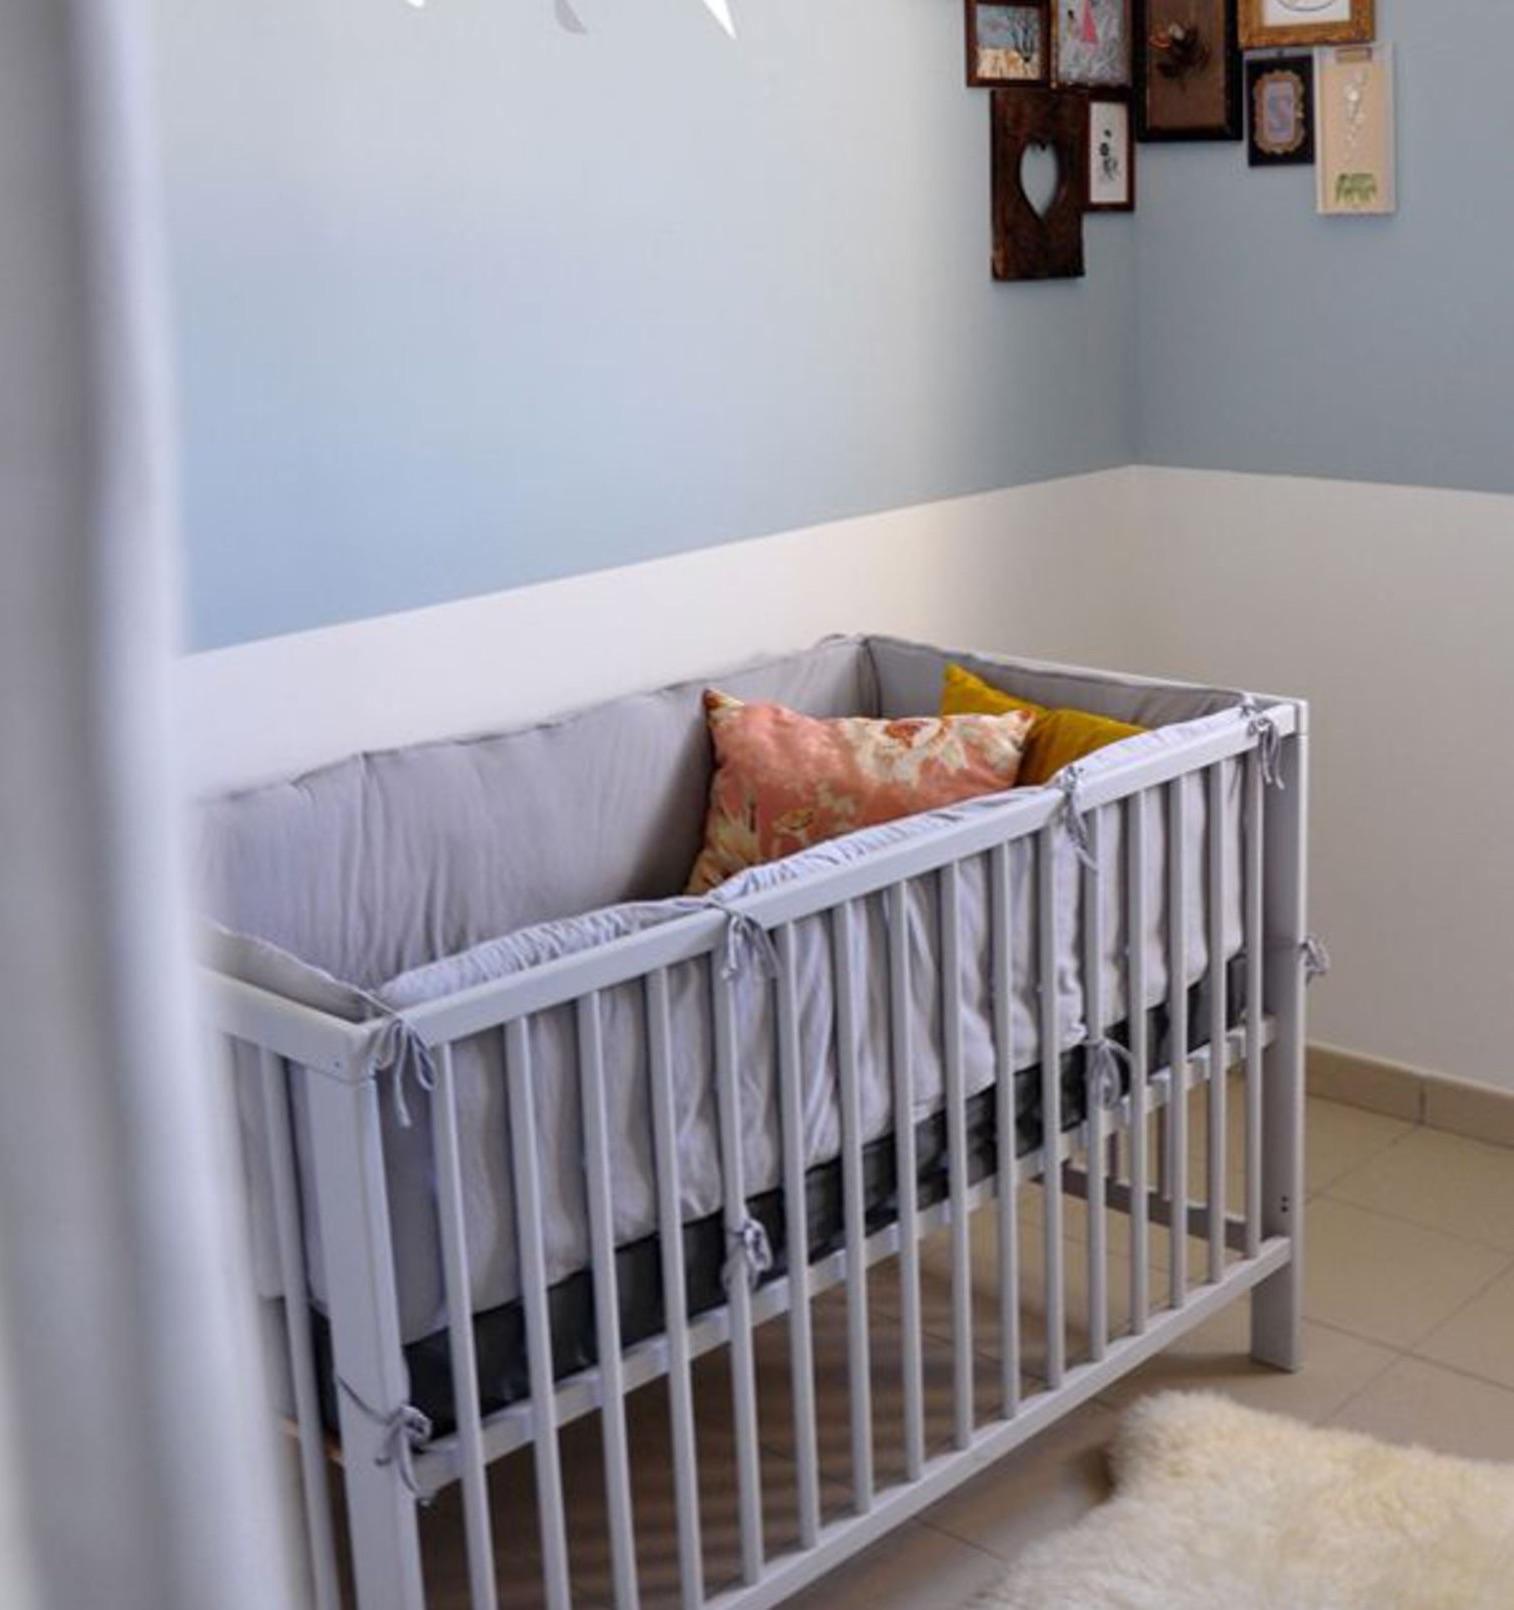 8 conseils pour bien choisir la peinture de la chambre de b b - Couleur peinture chambre bebe ...